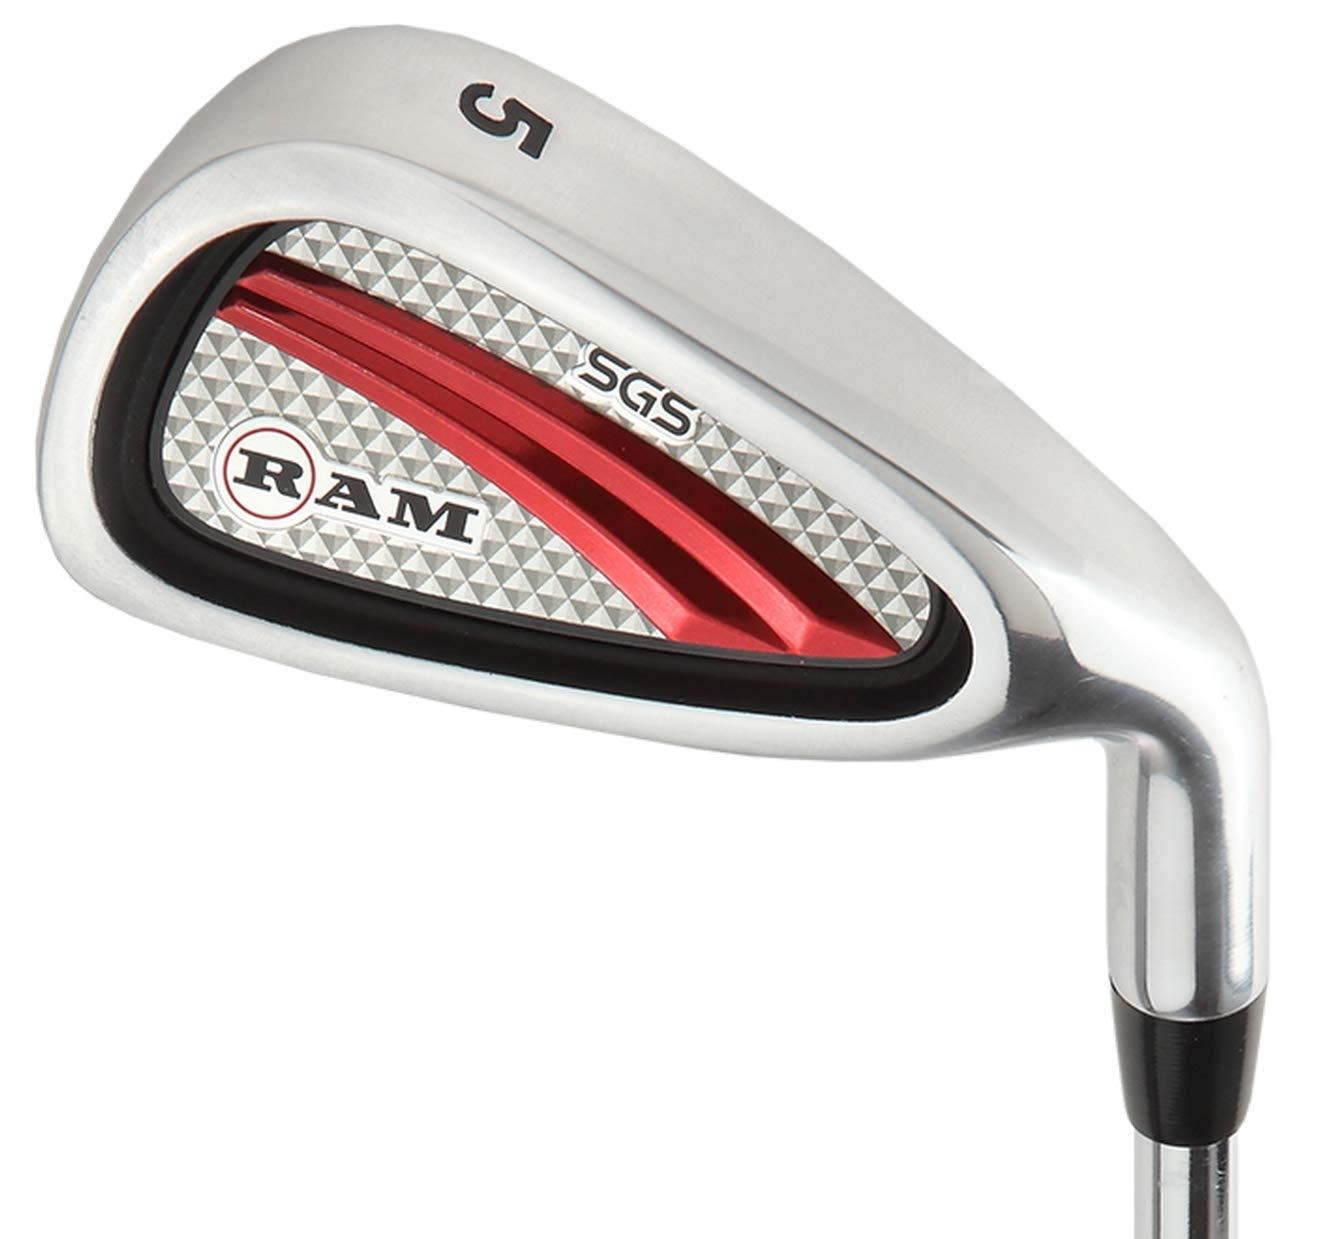 Amazon.com: RAM Golf SGS - Juego de palos de golf para ...